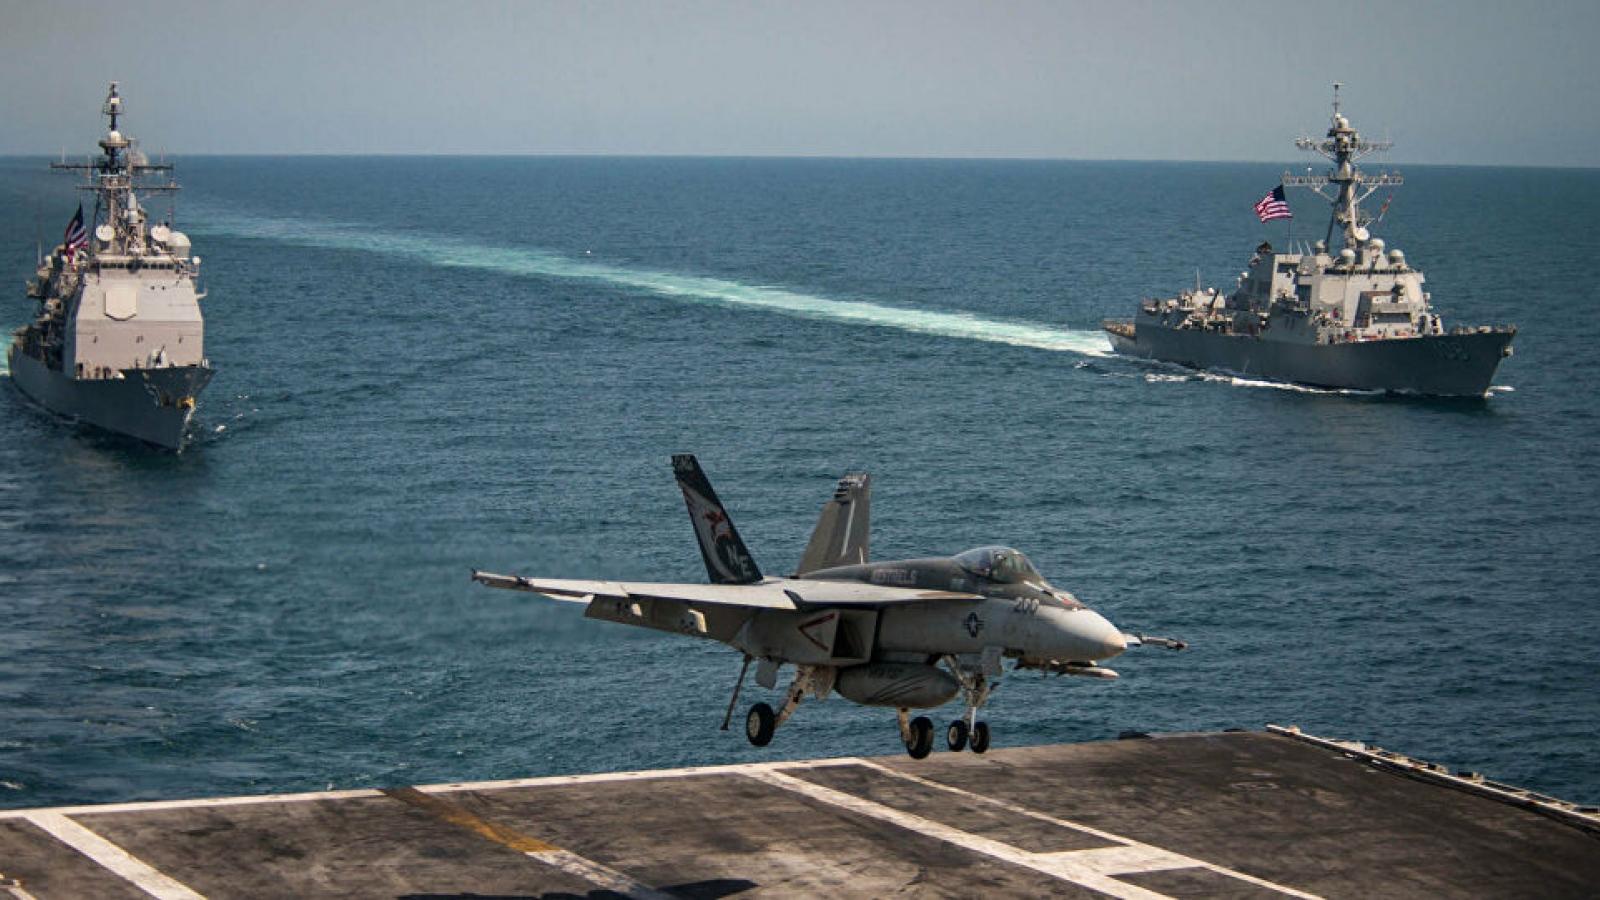 Hải quân Mỹ tổ chức diễn tập quy mô lớn trên 17 múi giờ